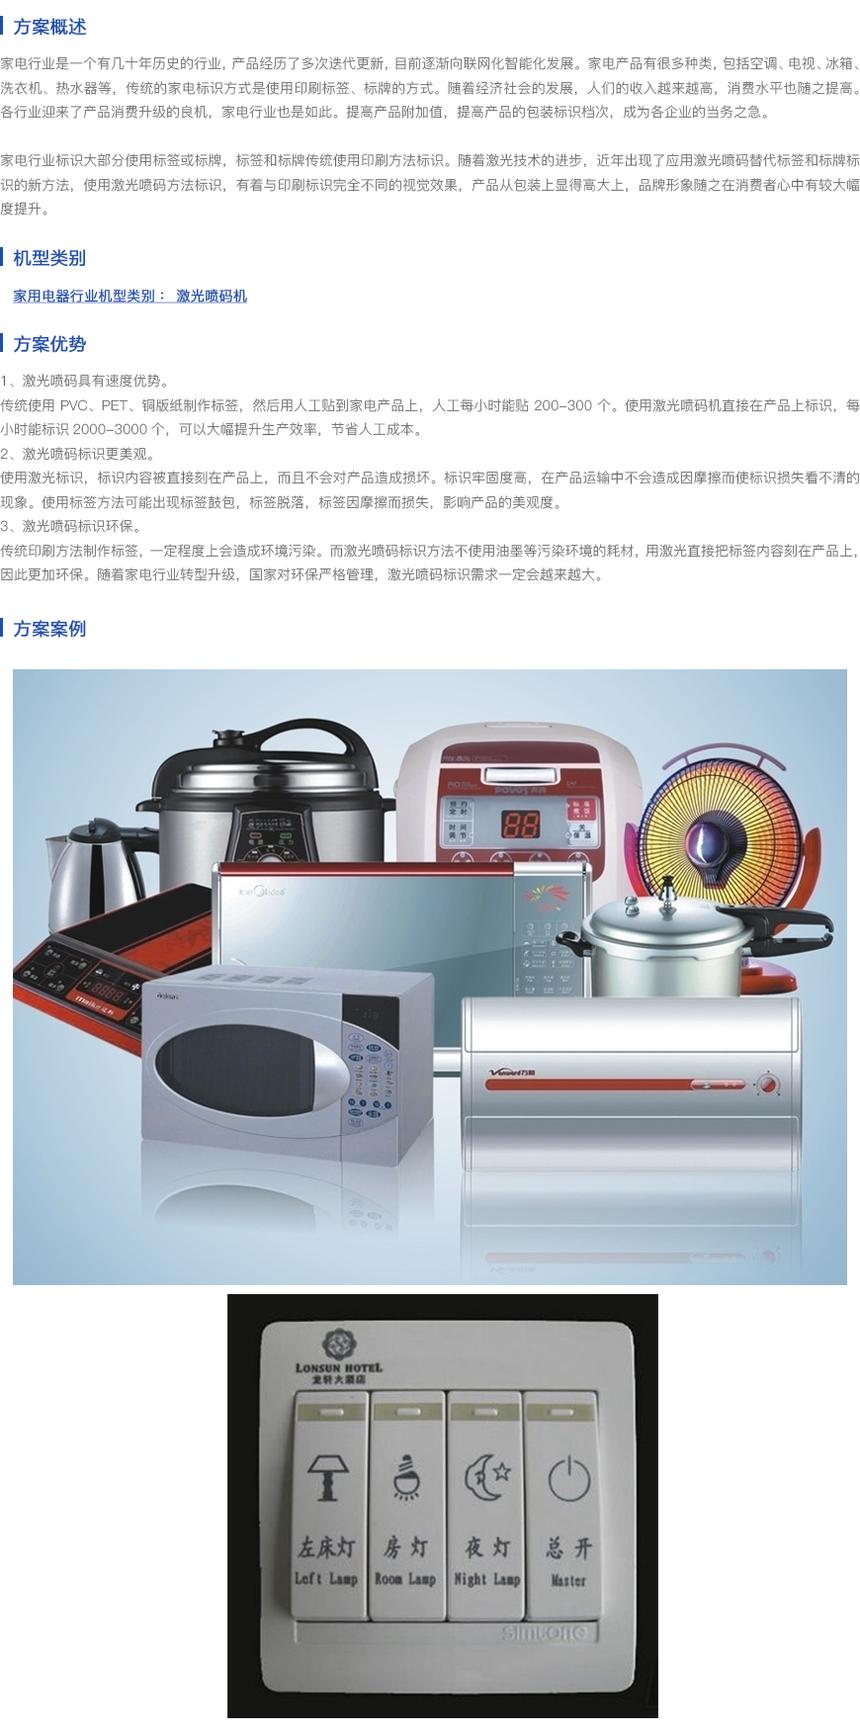 家用电器行业应用详情.png